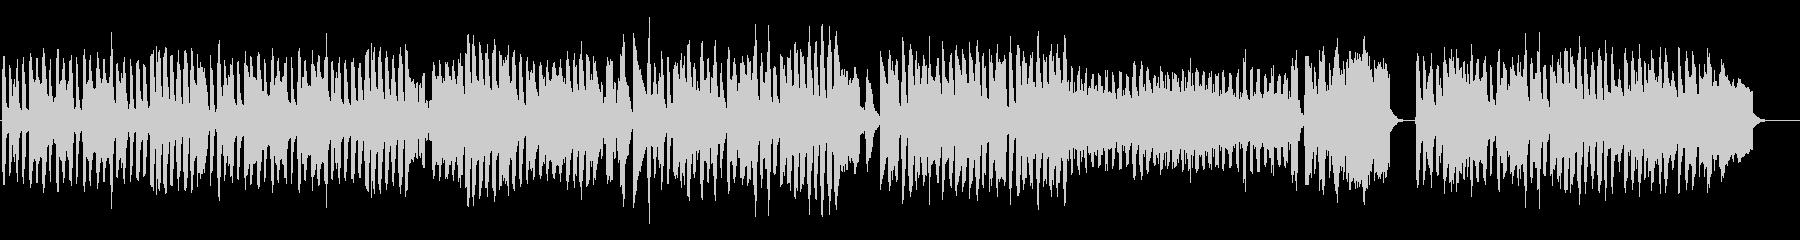 牧歌的なアコーディオンとピアノの舞曲の未再生の波形